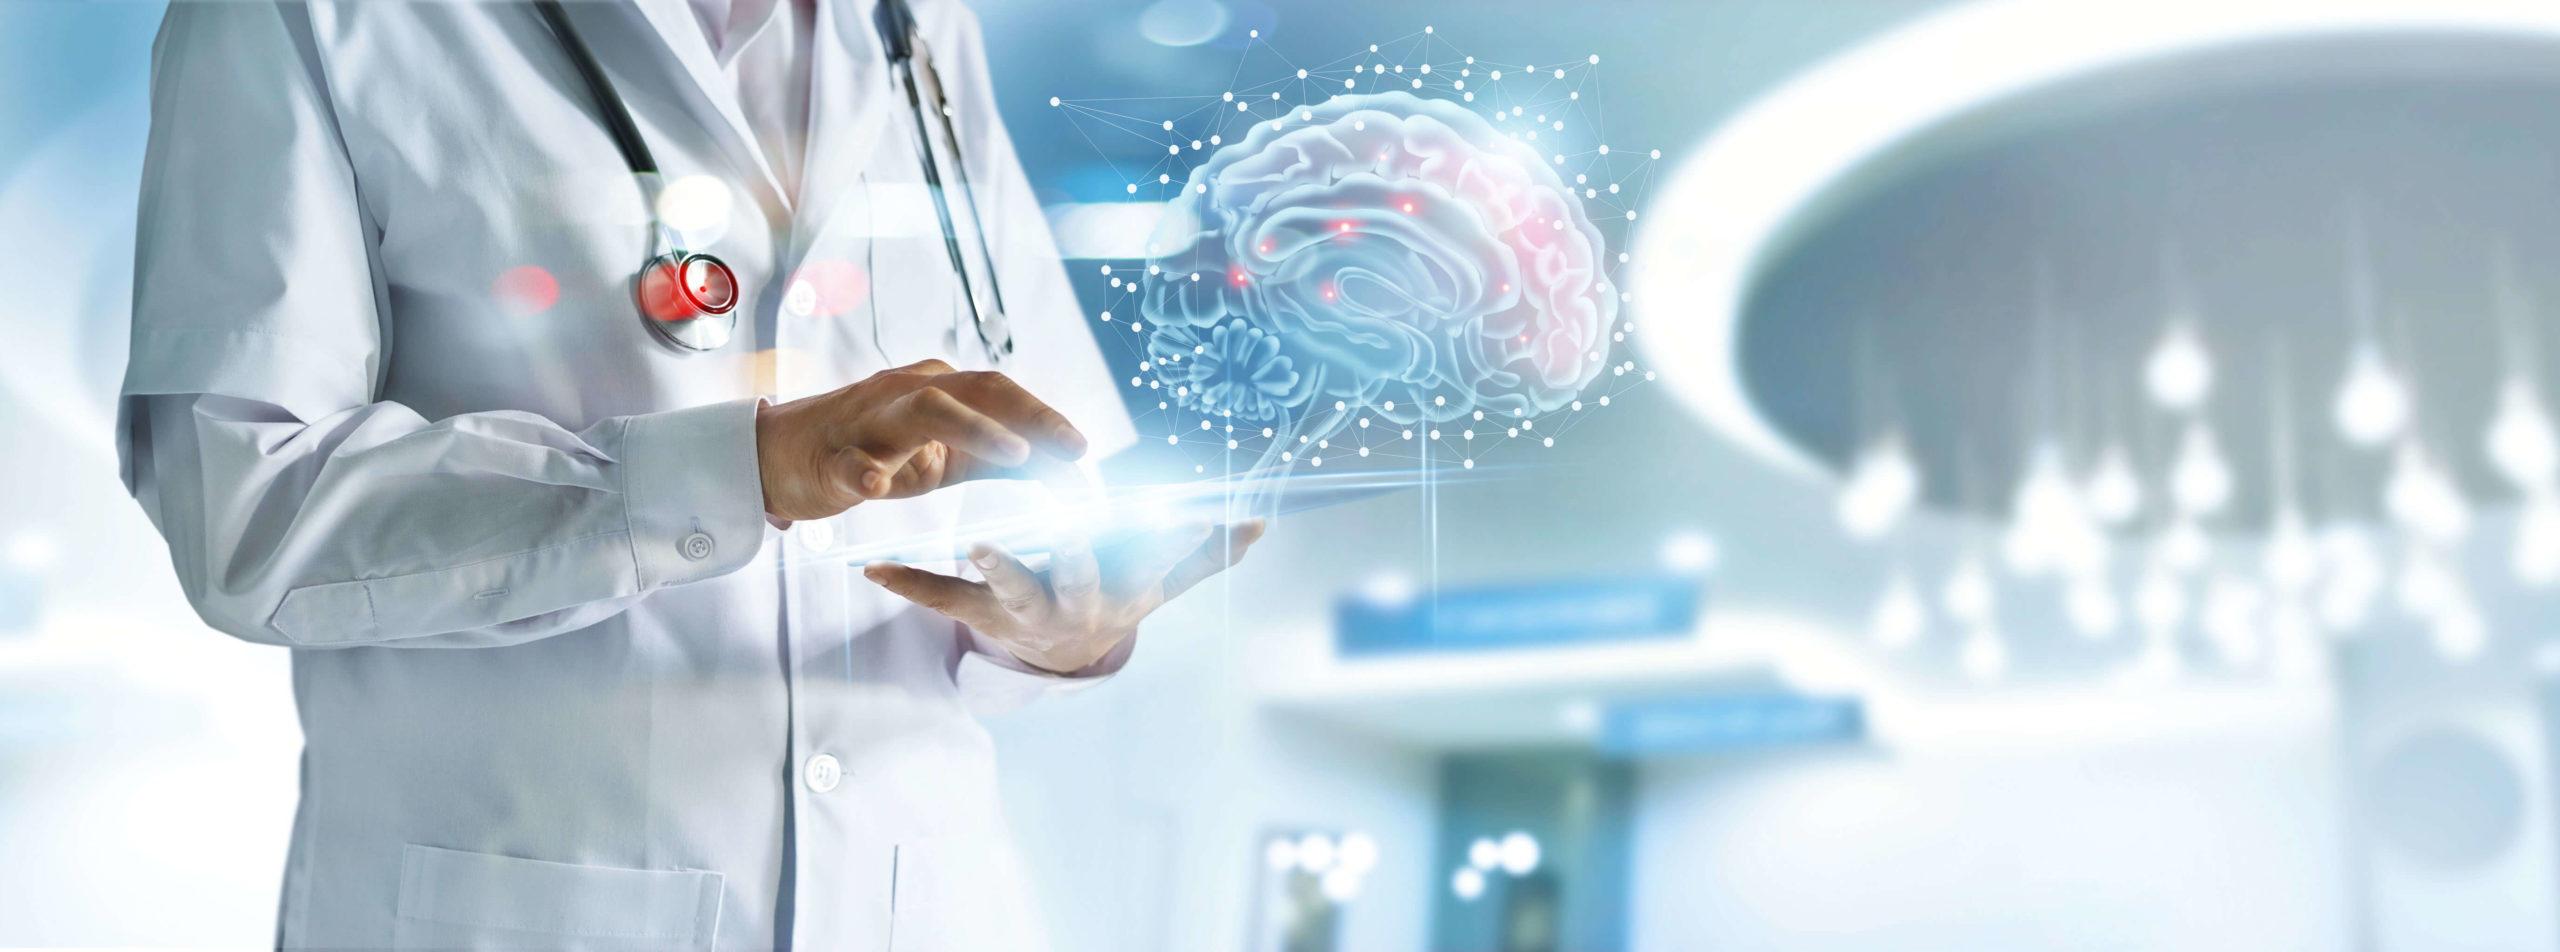 Mensch im Arztkittel in einer medizinischen Einrichtung mit einem Tablet in der Handy